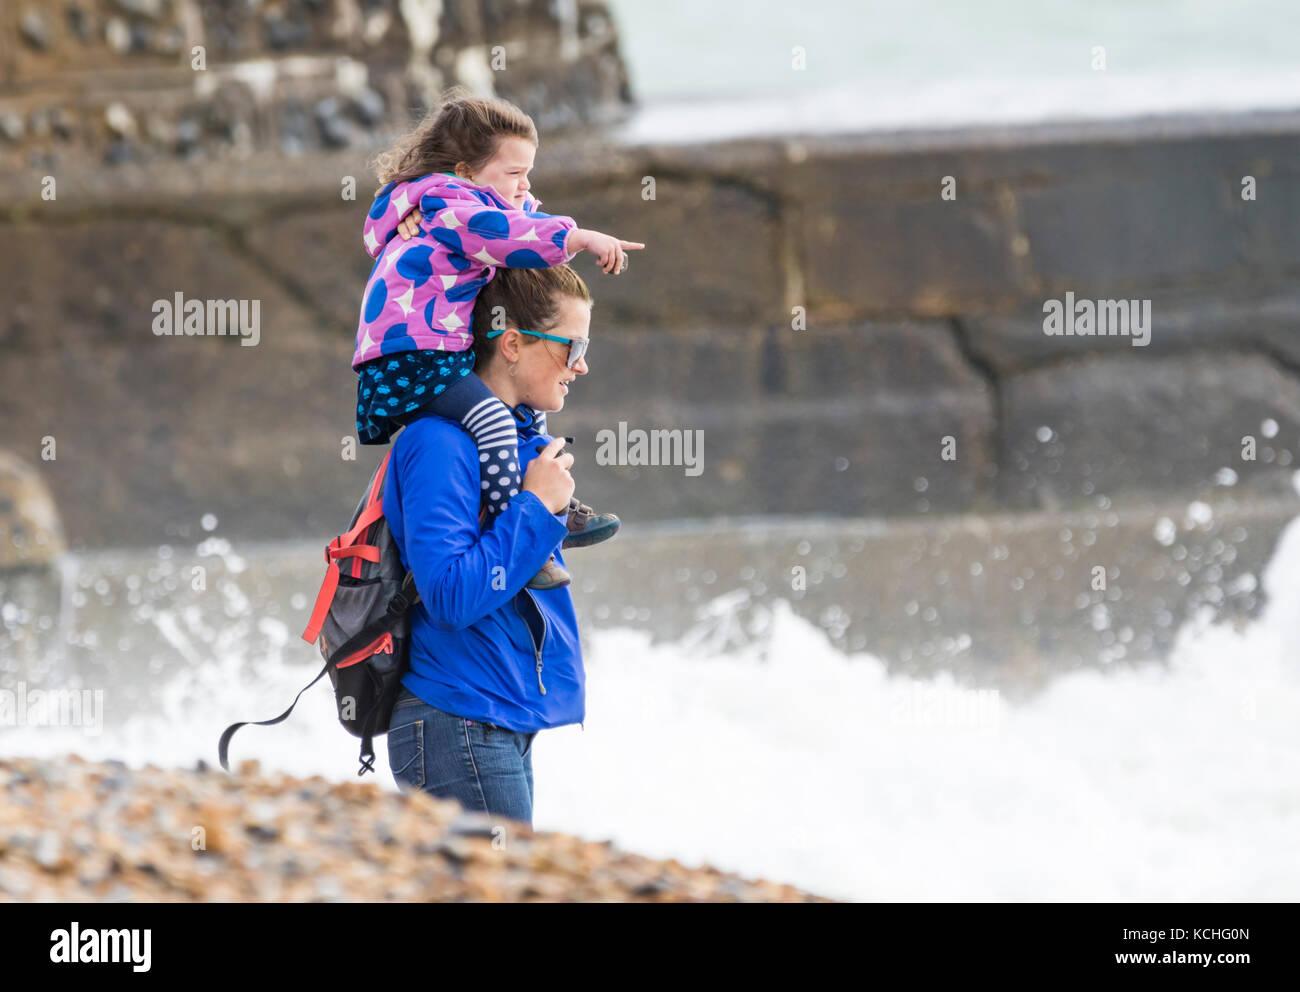 Ragazza giovane viene portato sulla donna di spalle (piggyback ride) su una spiaggia in cattivo tempo ventoso in Immagini Stock